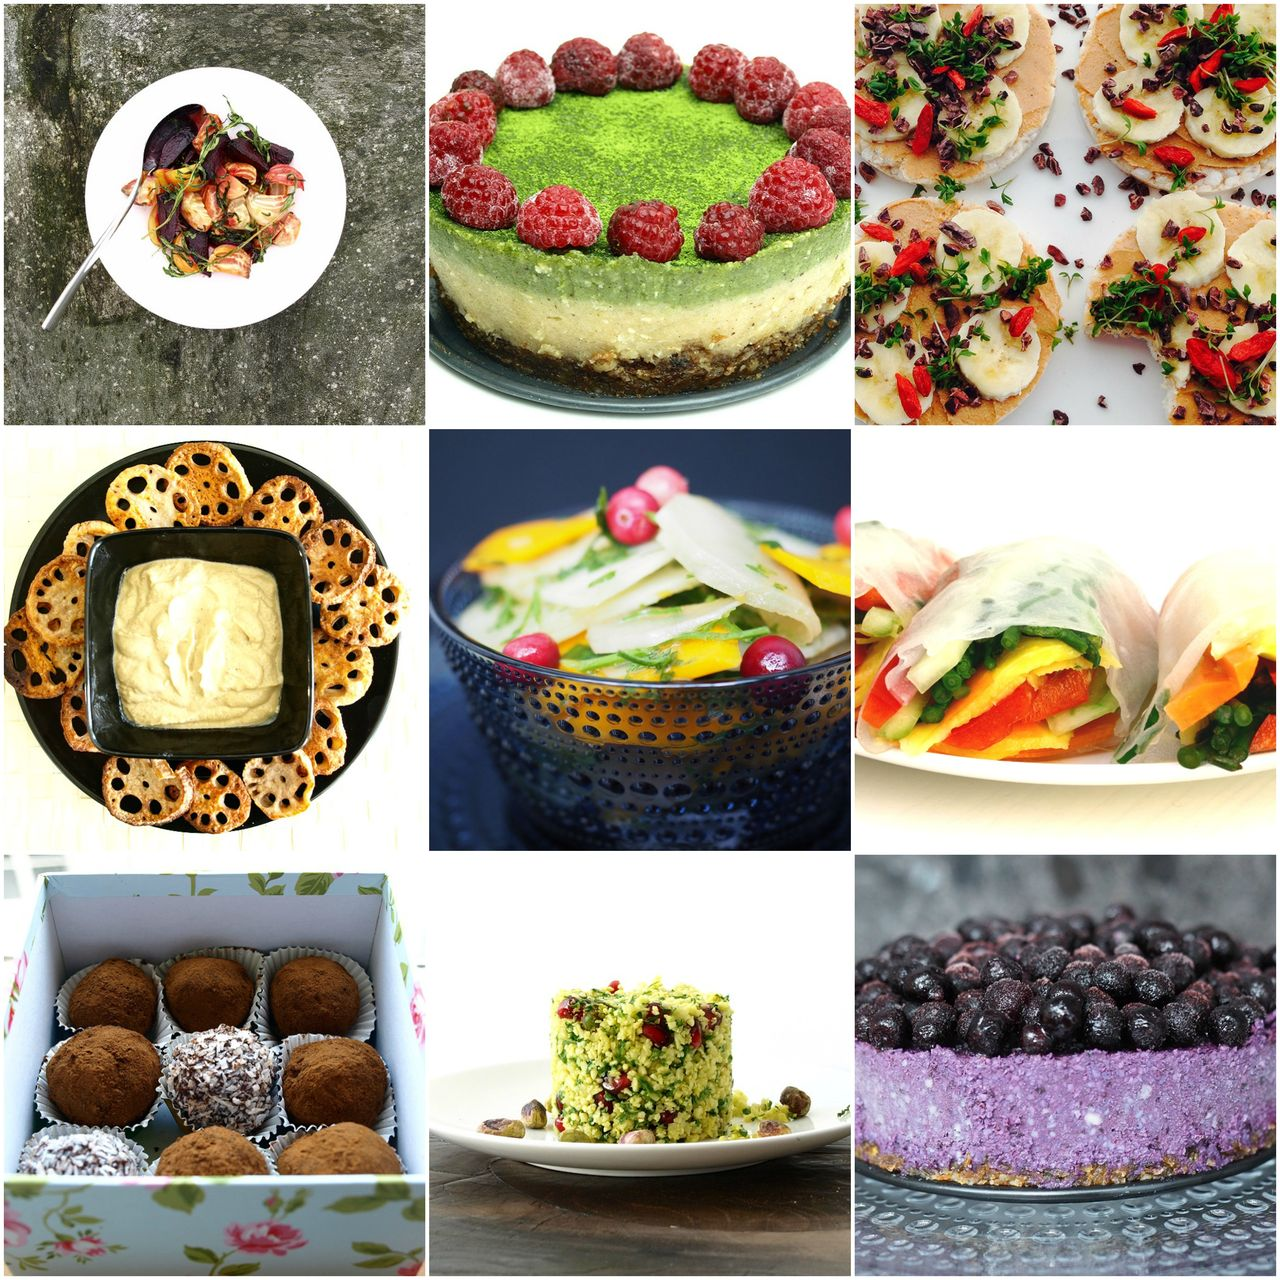 Vegan recipes by Terra e Luna